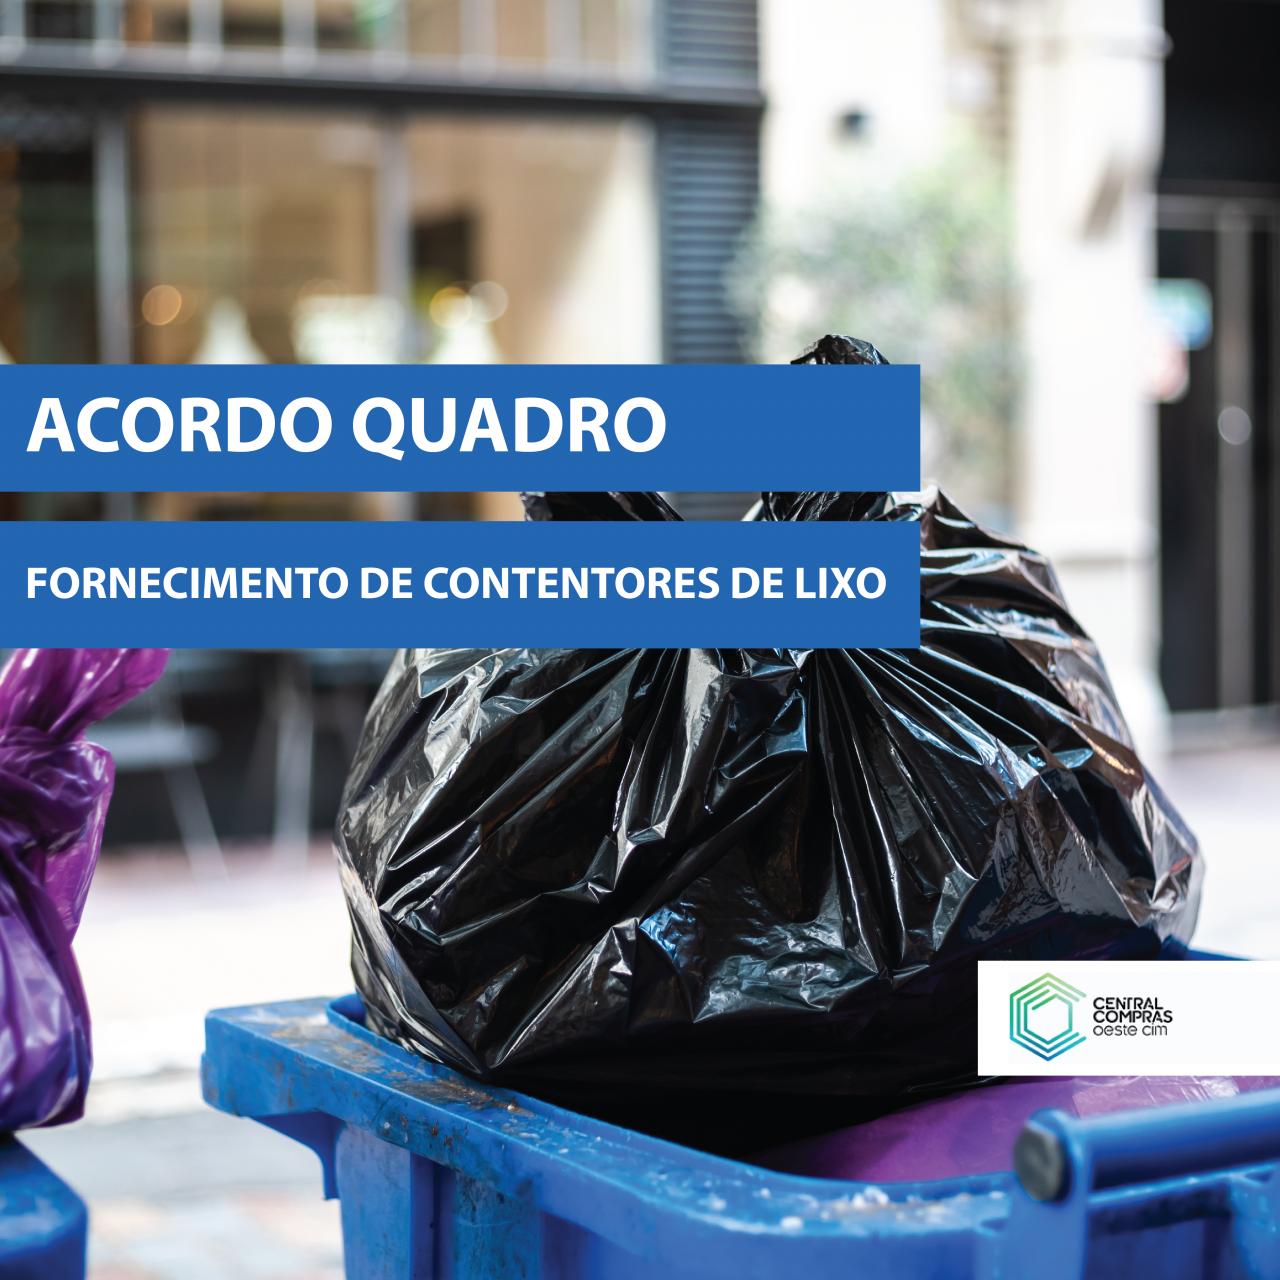 Acordo-Quadro para o Fornecimento de Contentores de Lixo